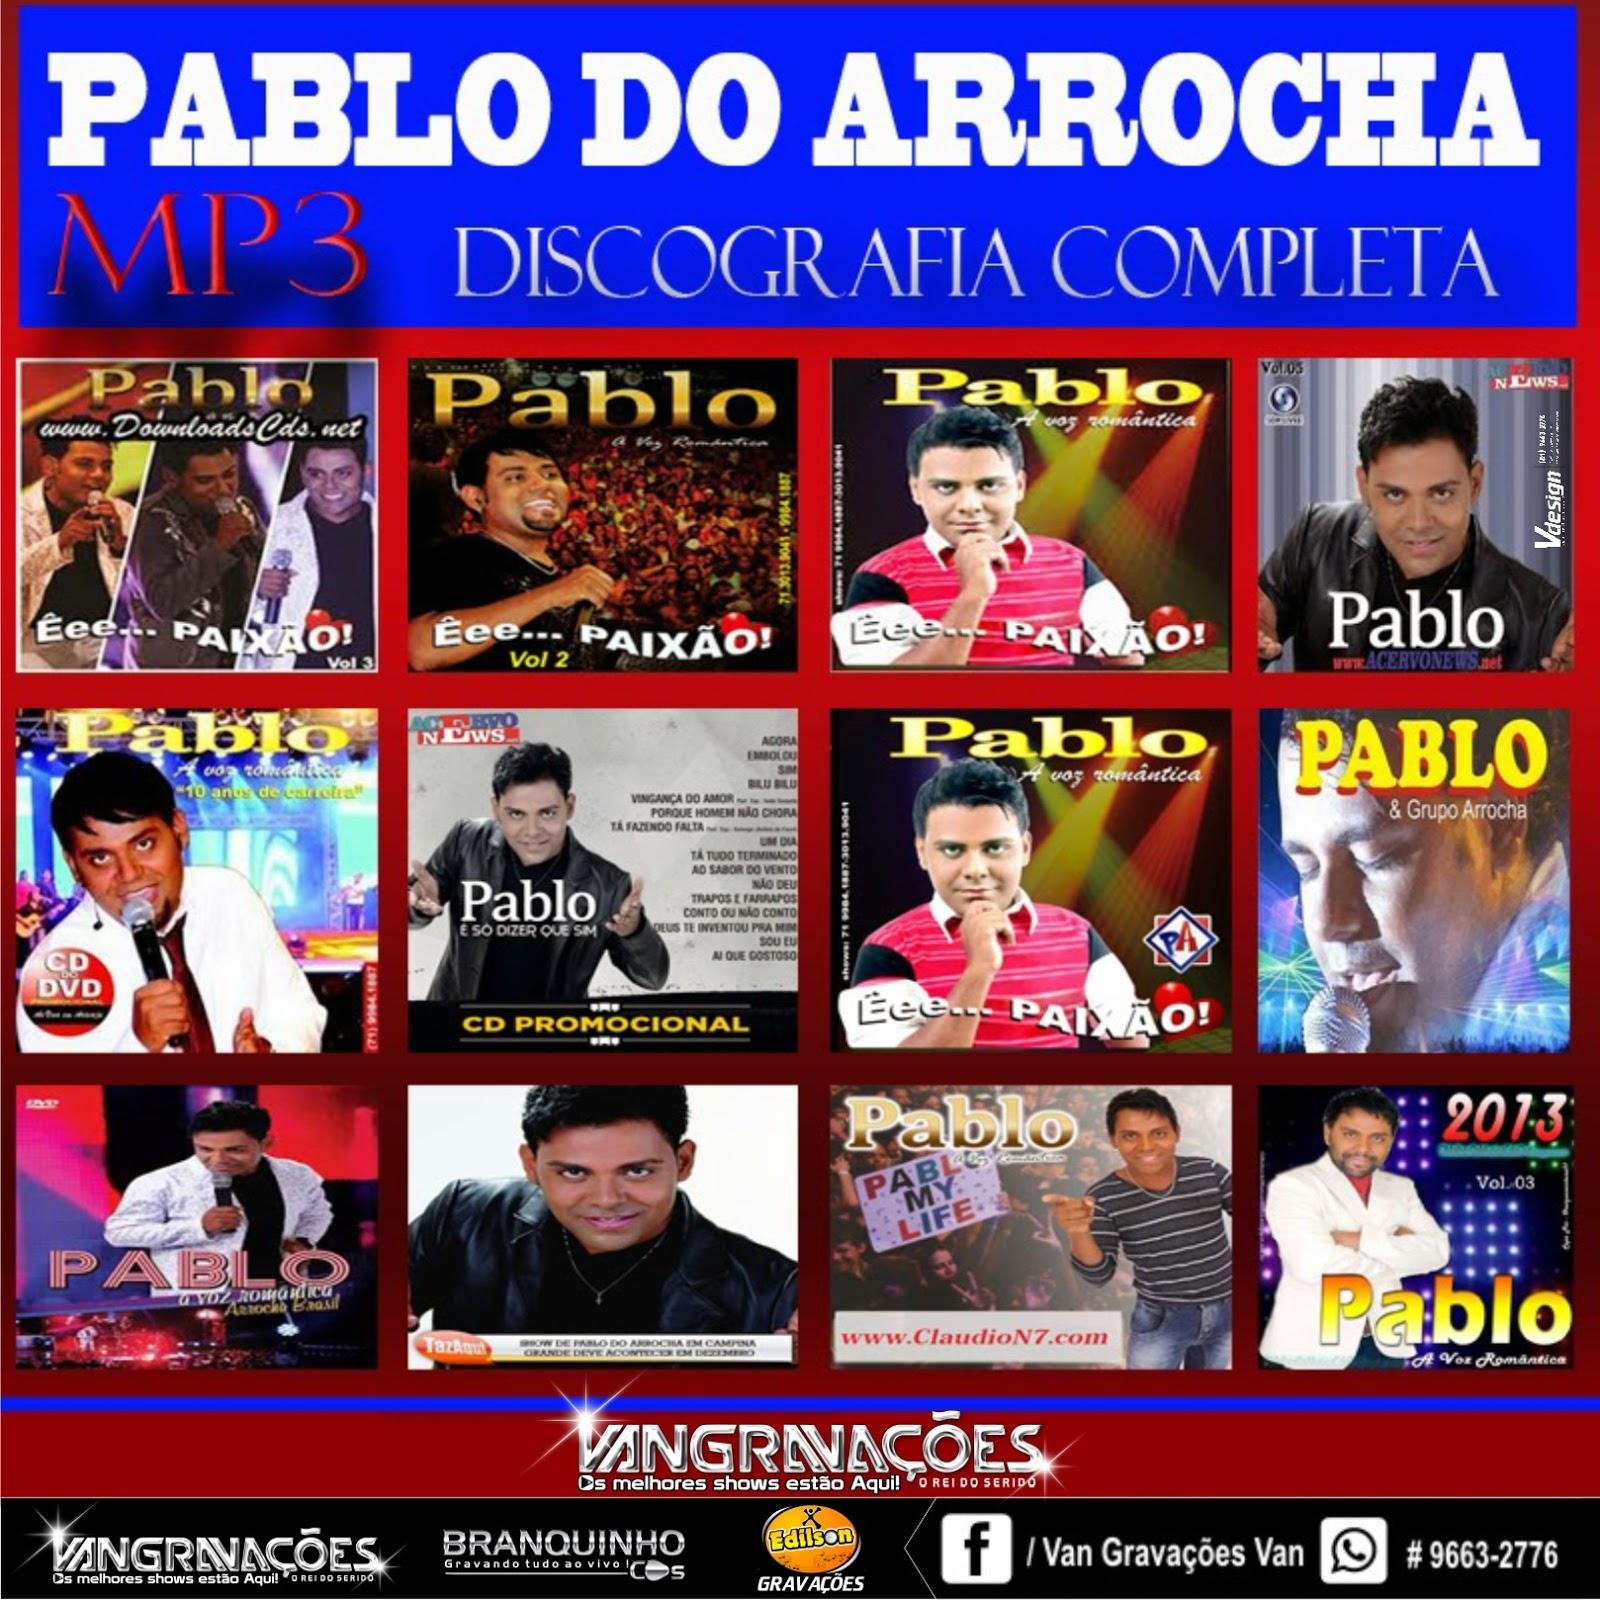 2009 BAIXAR ARROCHA PABLO GRUPO